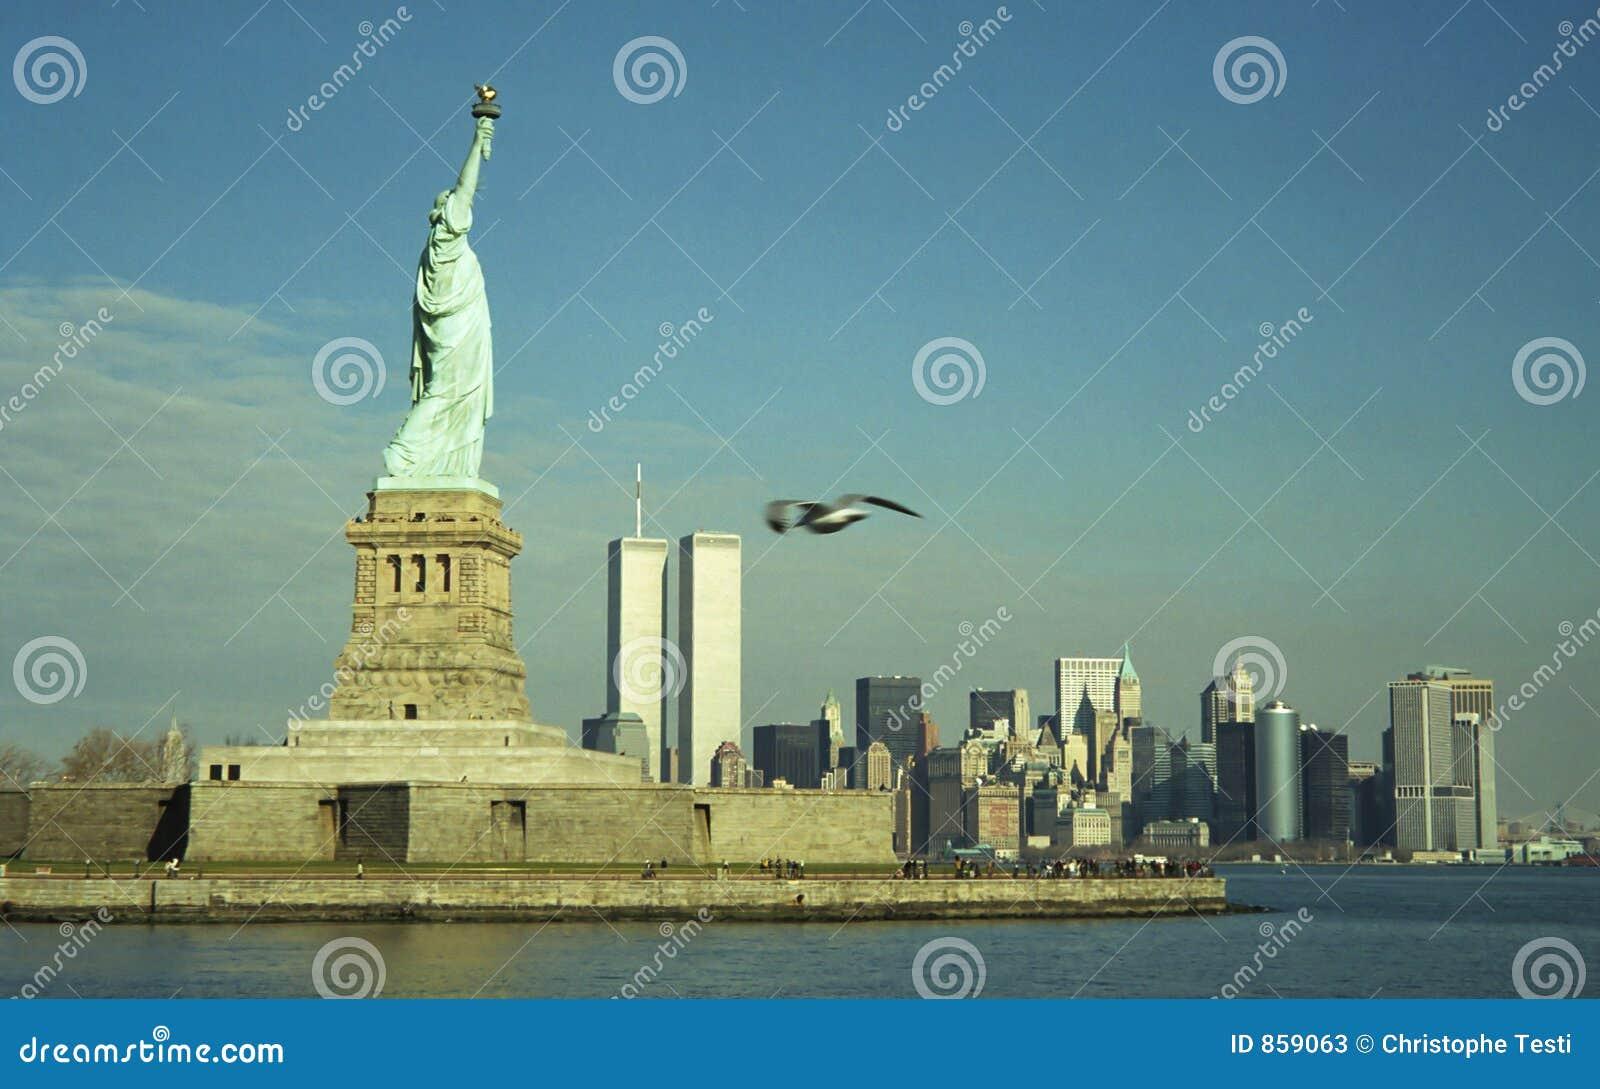 Statua wolności twin towers